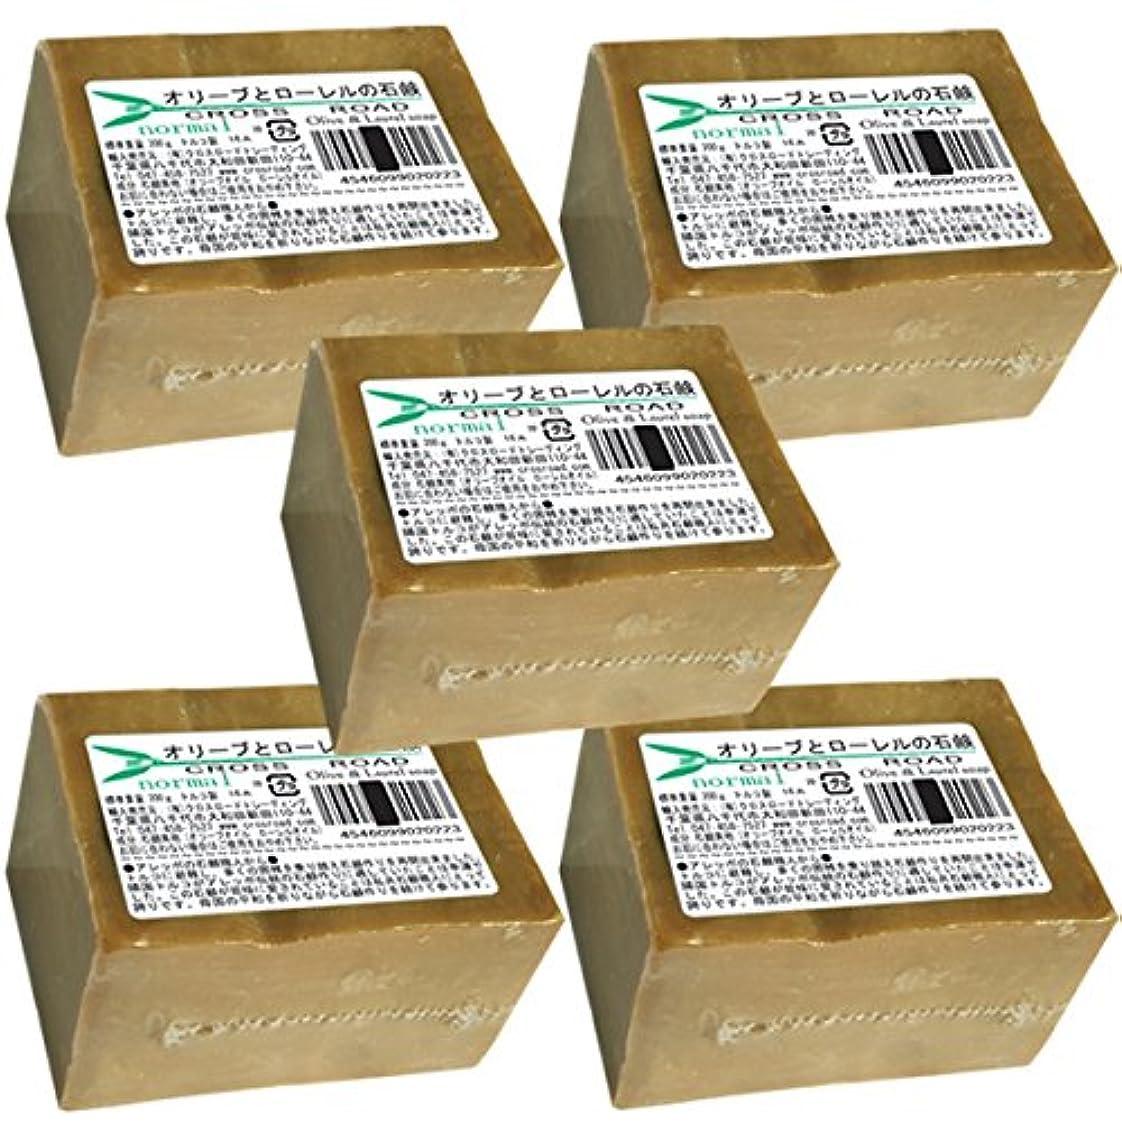 効能トリム断言するオリーブとローレルの石鹸(ノーマル)5個セット[並行輸入品]